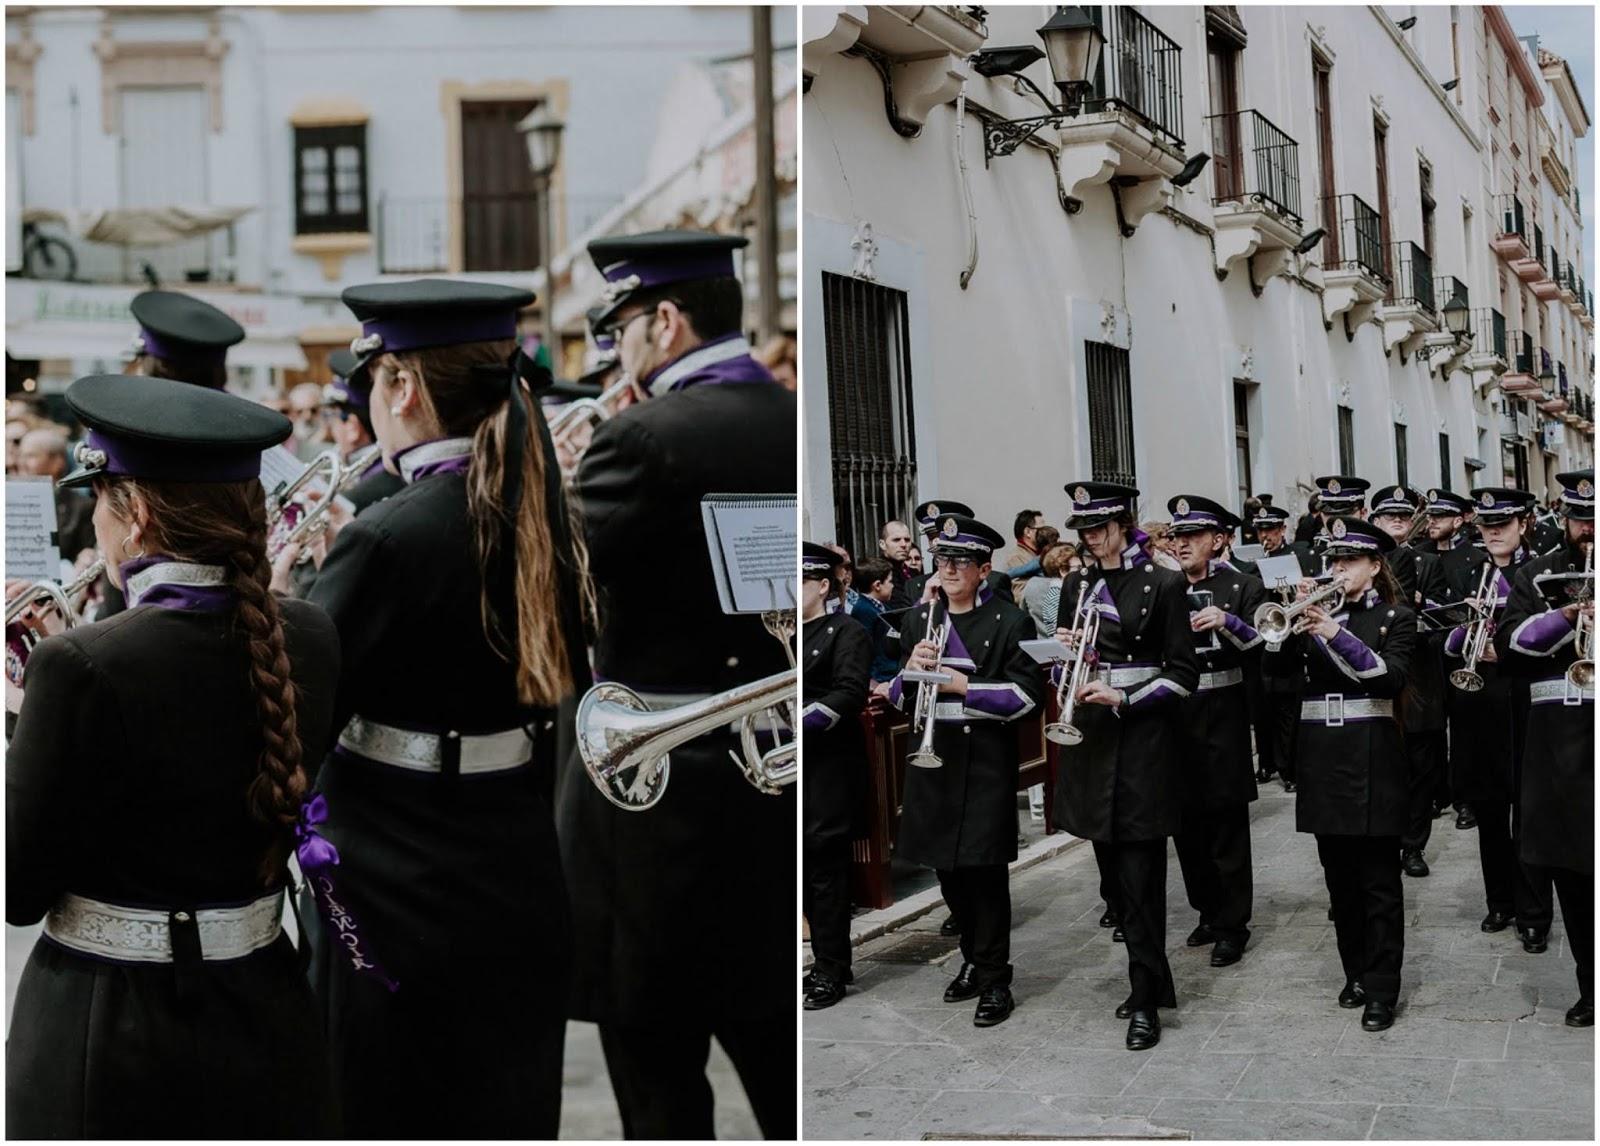 Easter in Spain